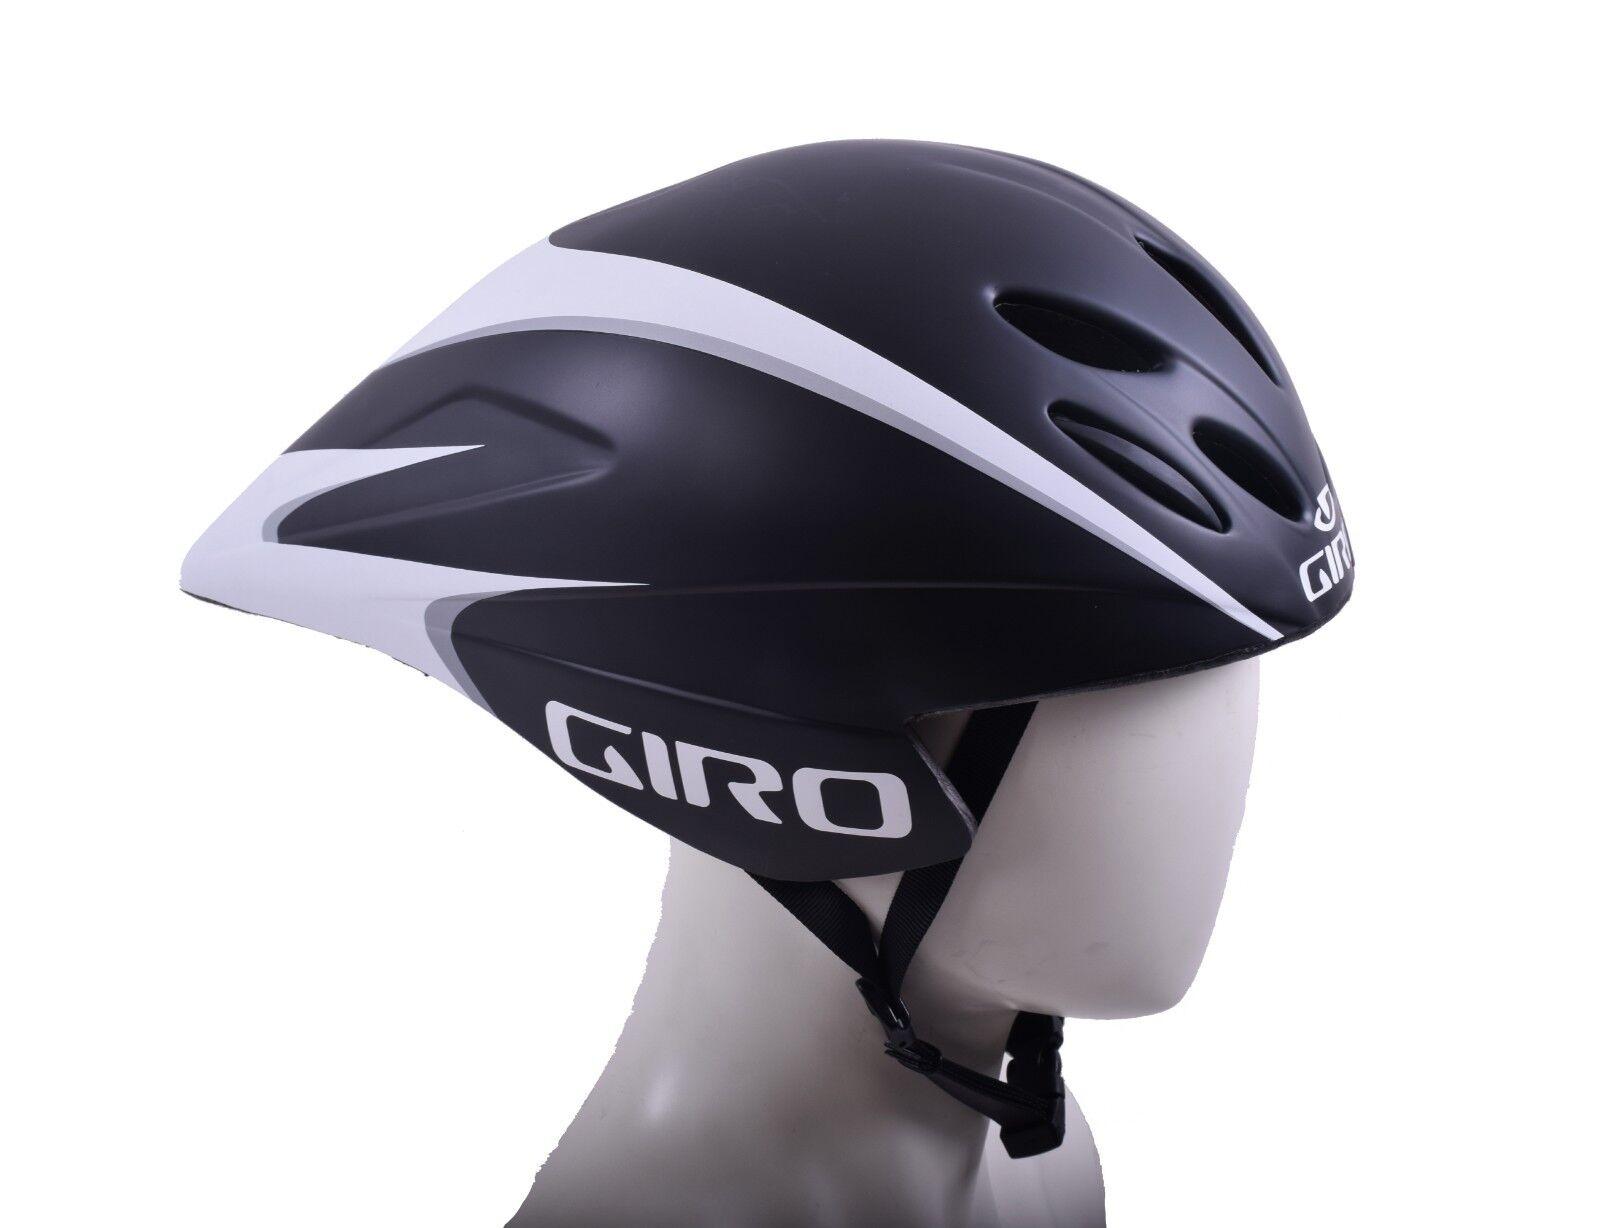 Giro de Ventaja de Giro Carreras TT AERO Racing Bicicleta Pequeña pequeña casco 51-55 Cm Negro/Blanco ca7086